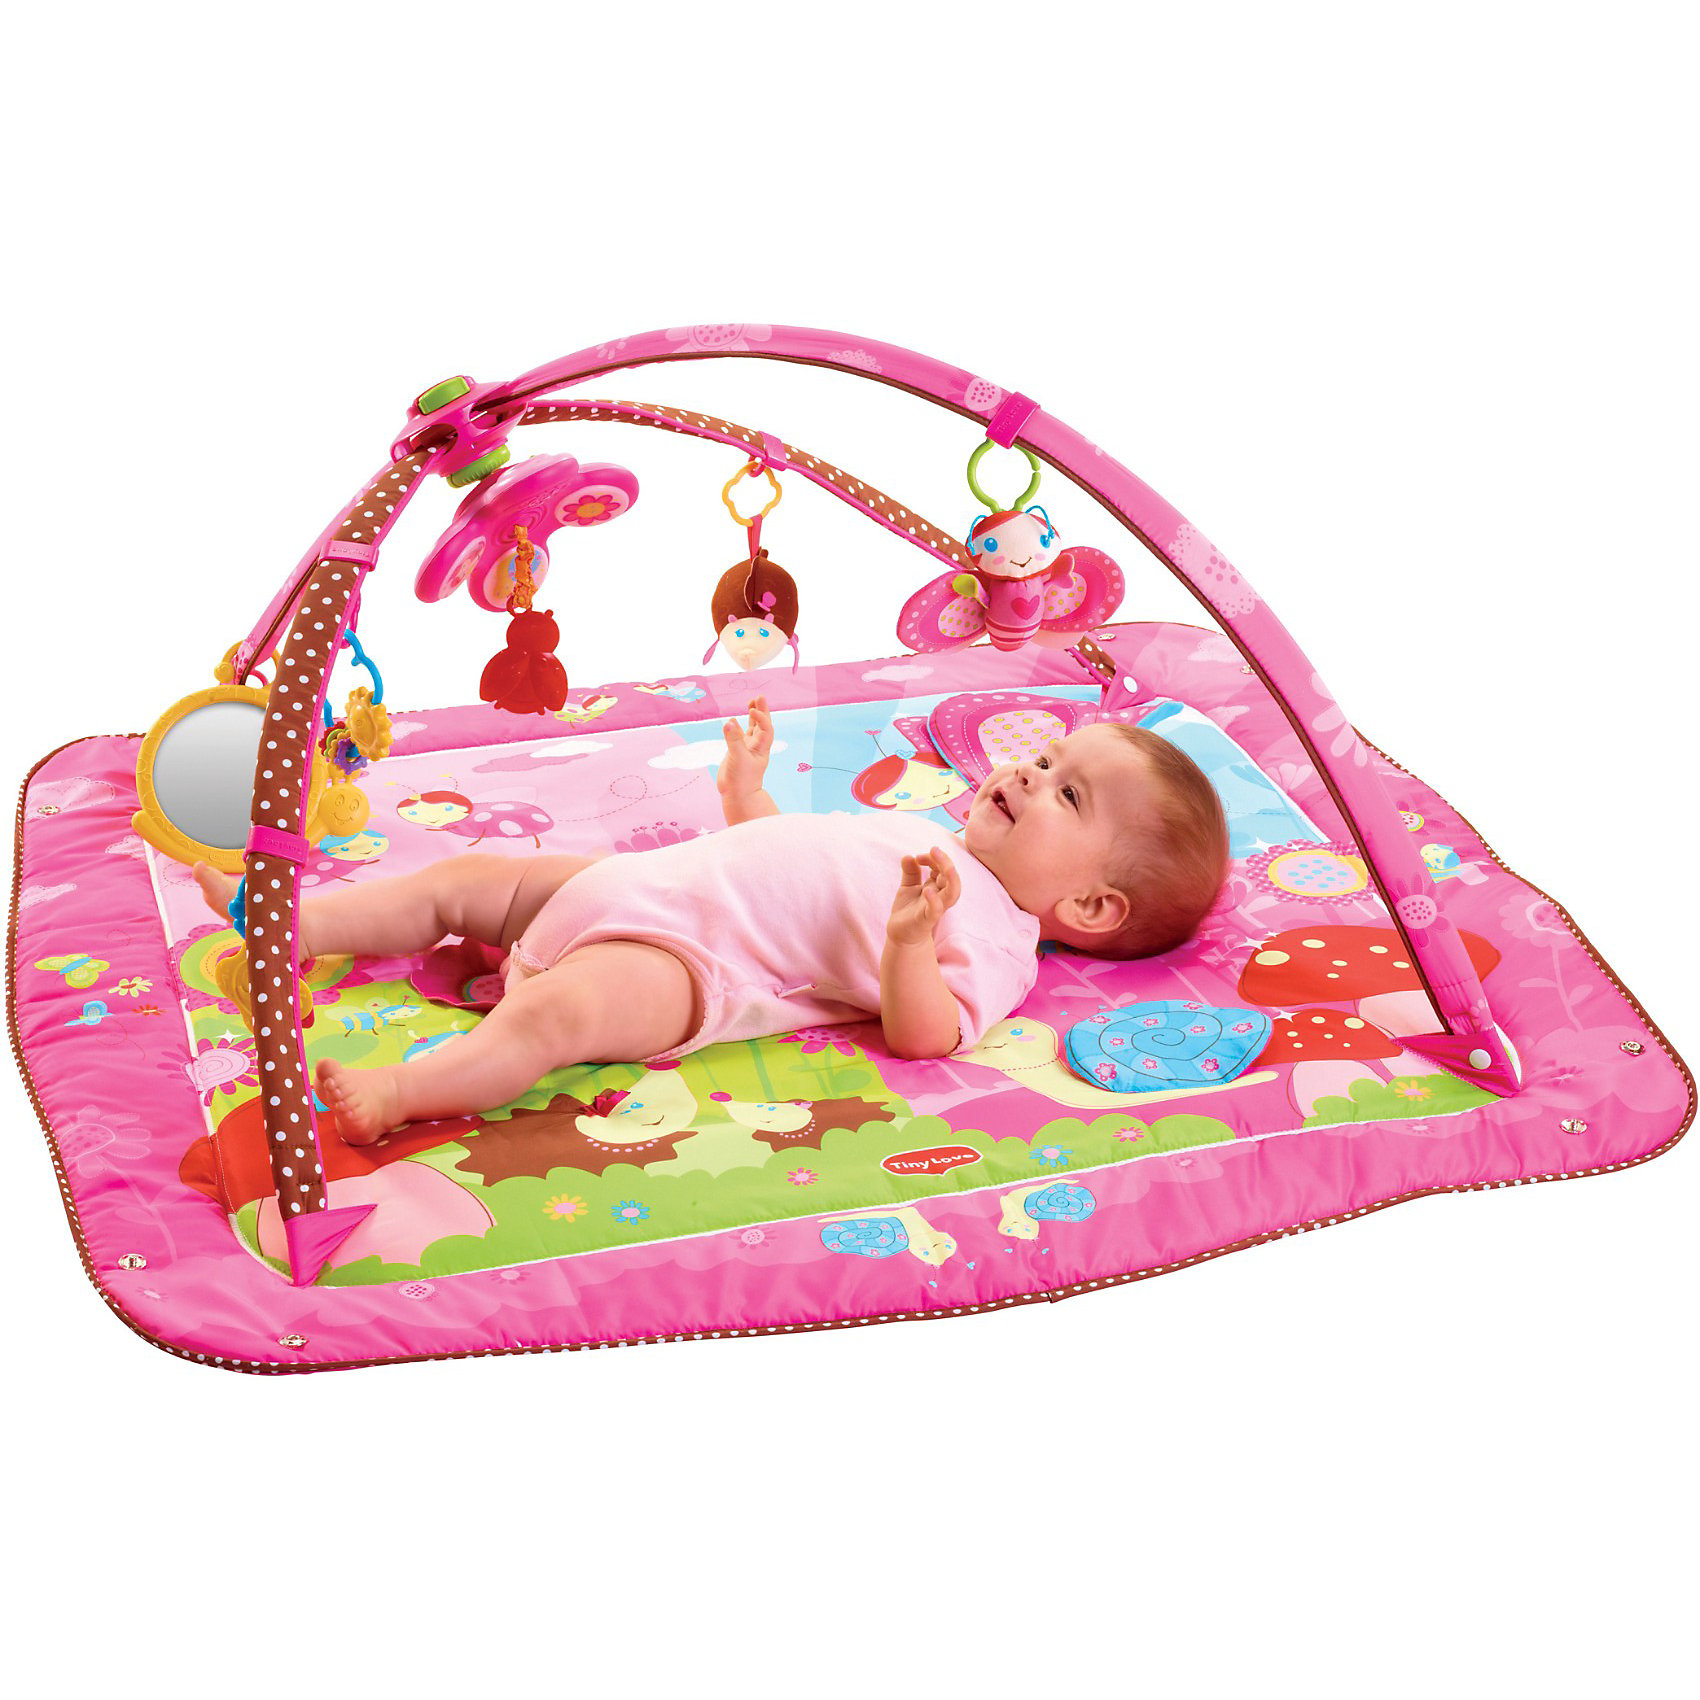 Tiny Love Развивающий  коврик MAXI Моя принцесса (новый дизайн), Tiny Love развивающий коврик моя принцесса 5 в 1 цвет розовый